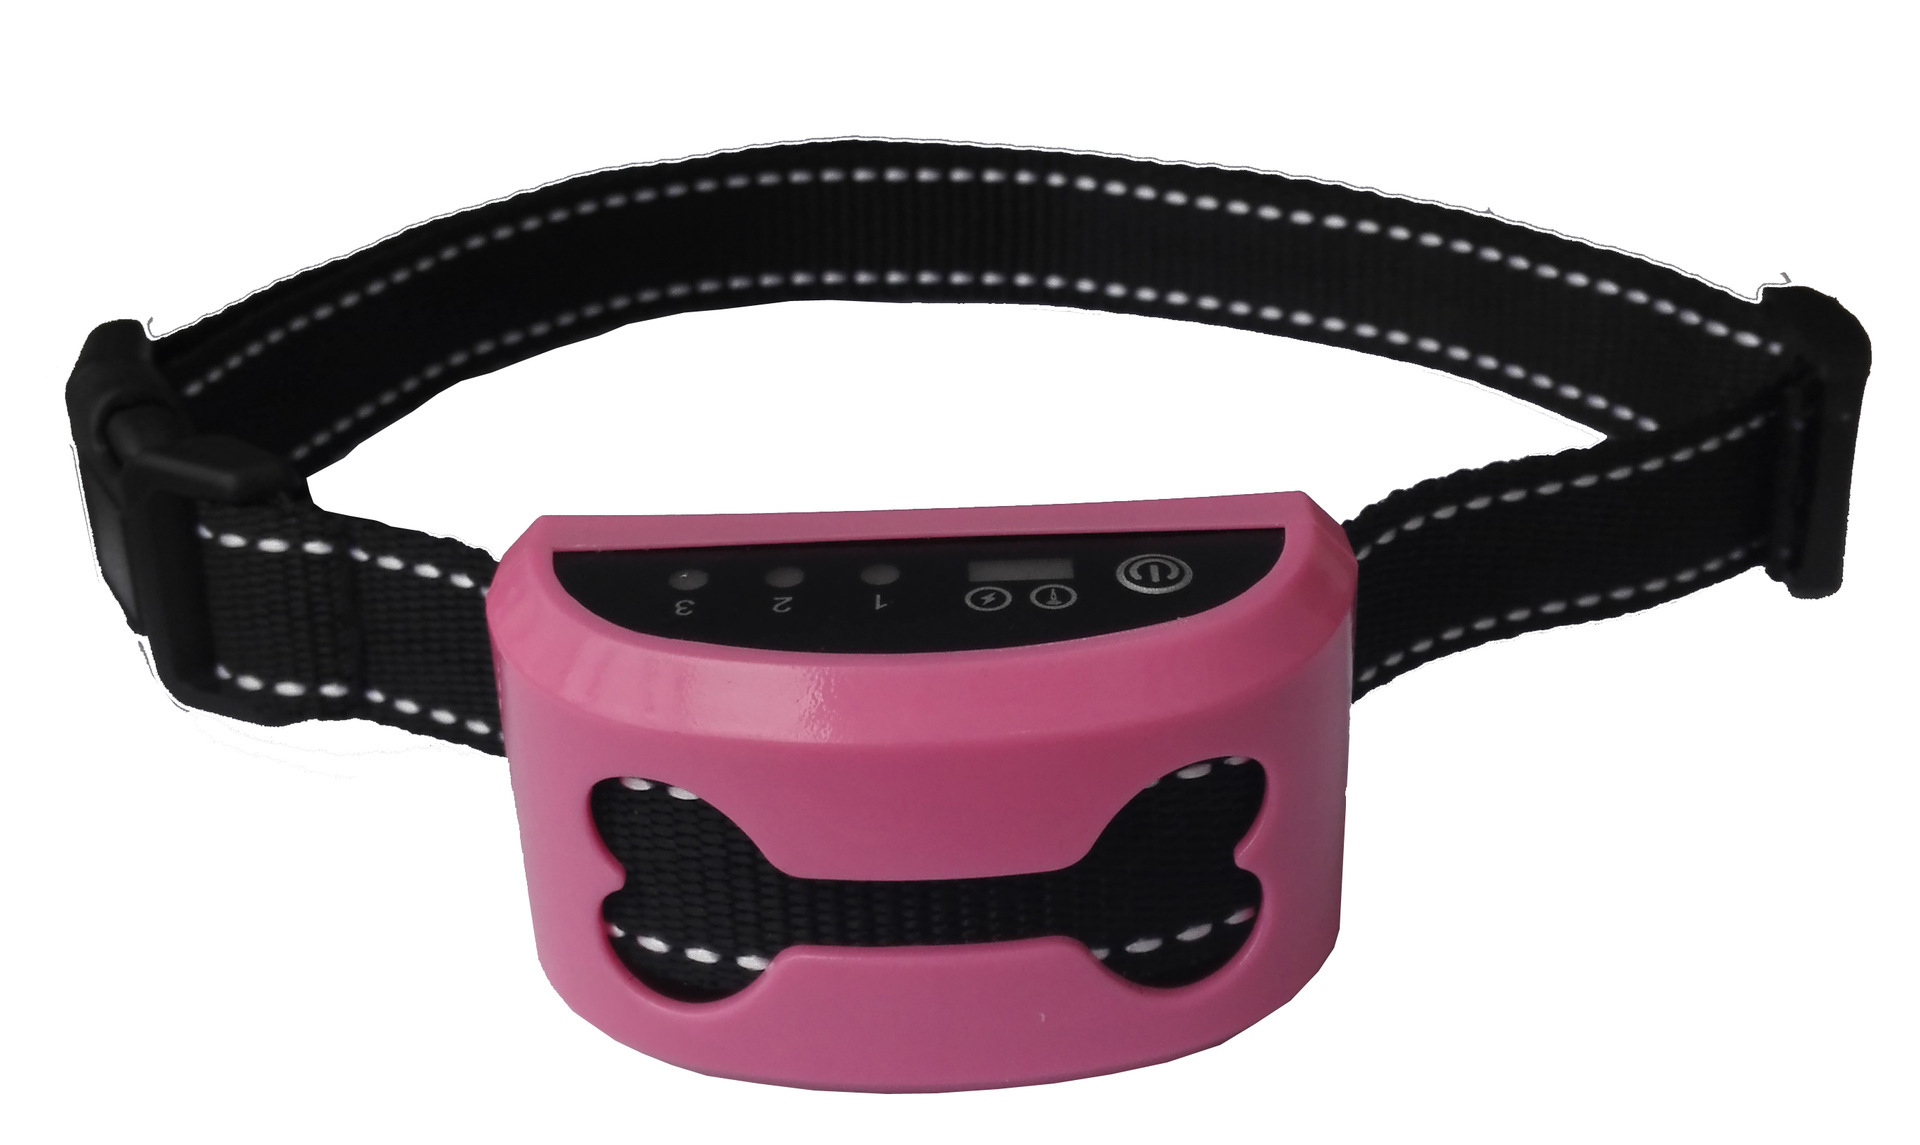 ultrasonic dog bark stopper